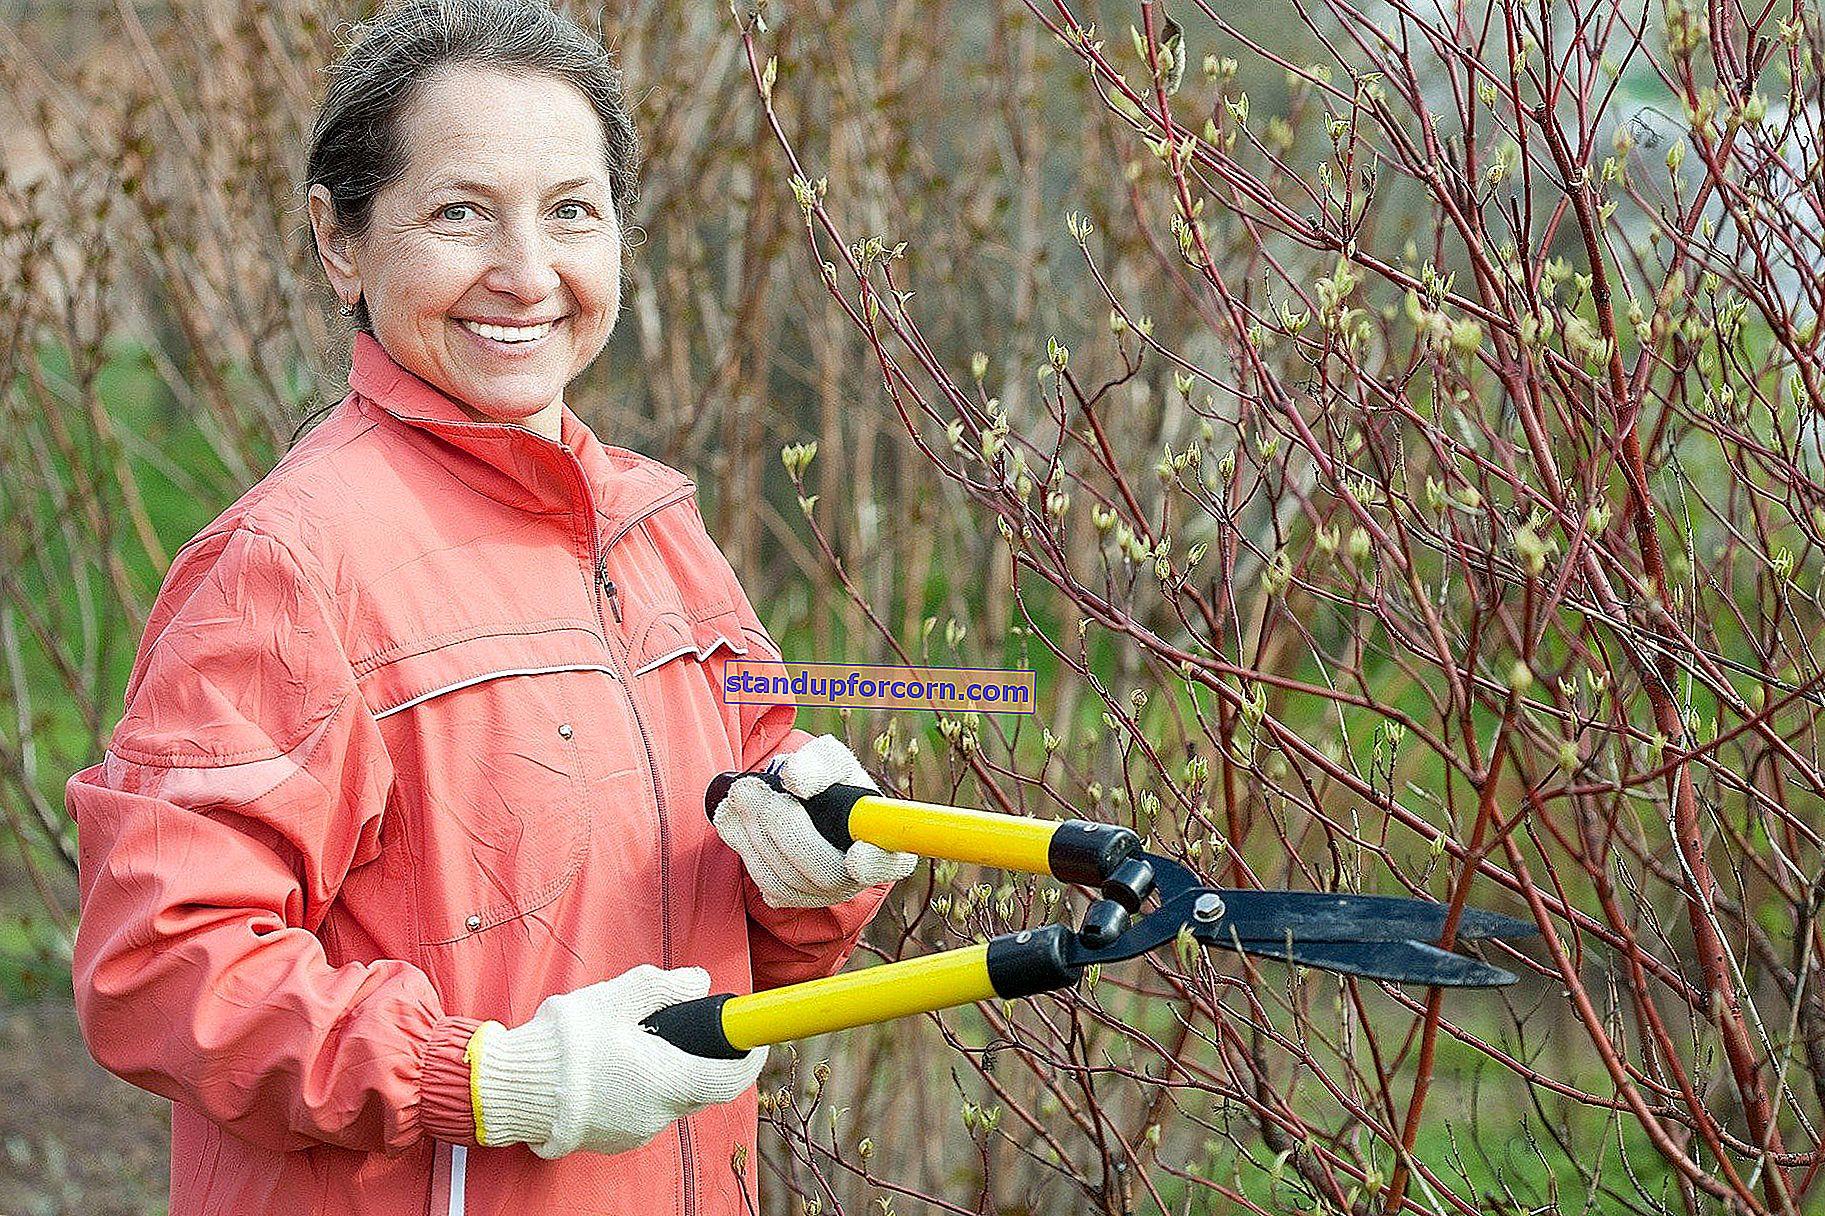 Meyve ağaçlarını ve çalıları kesmek